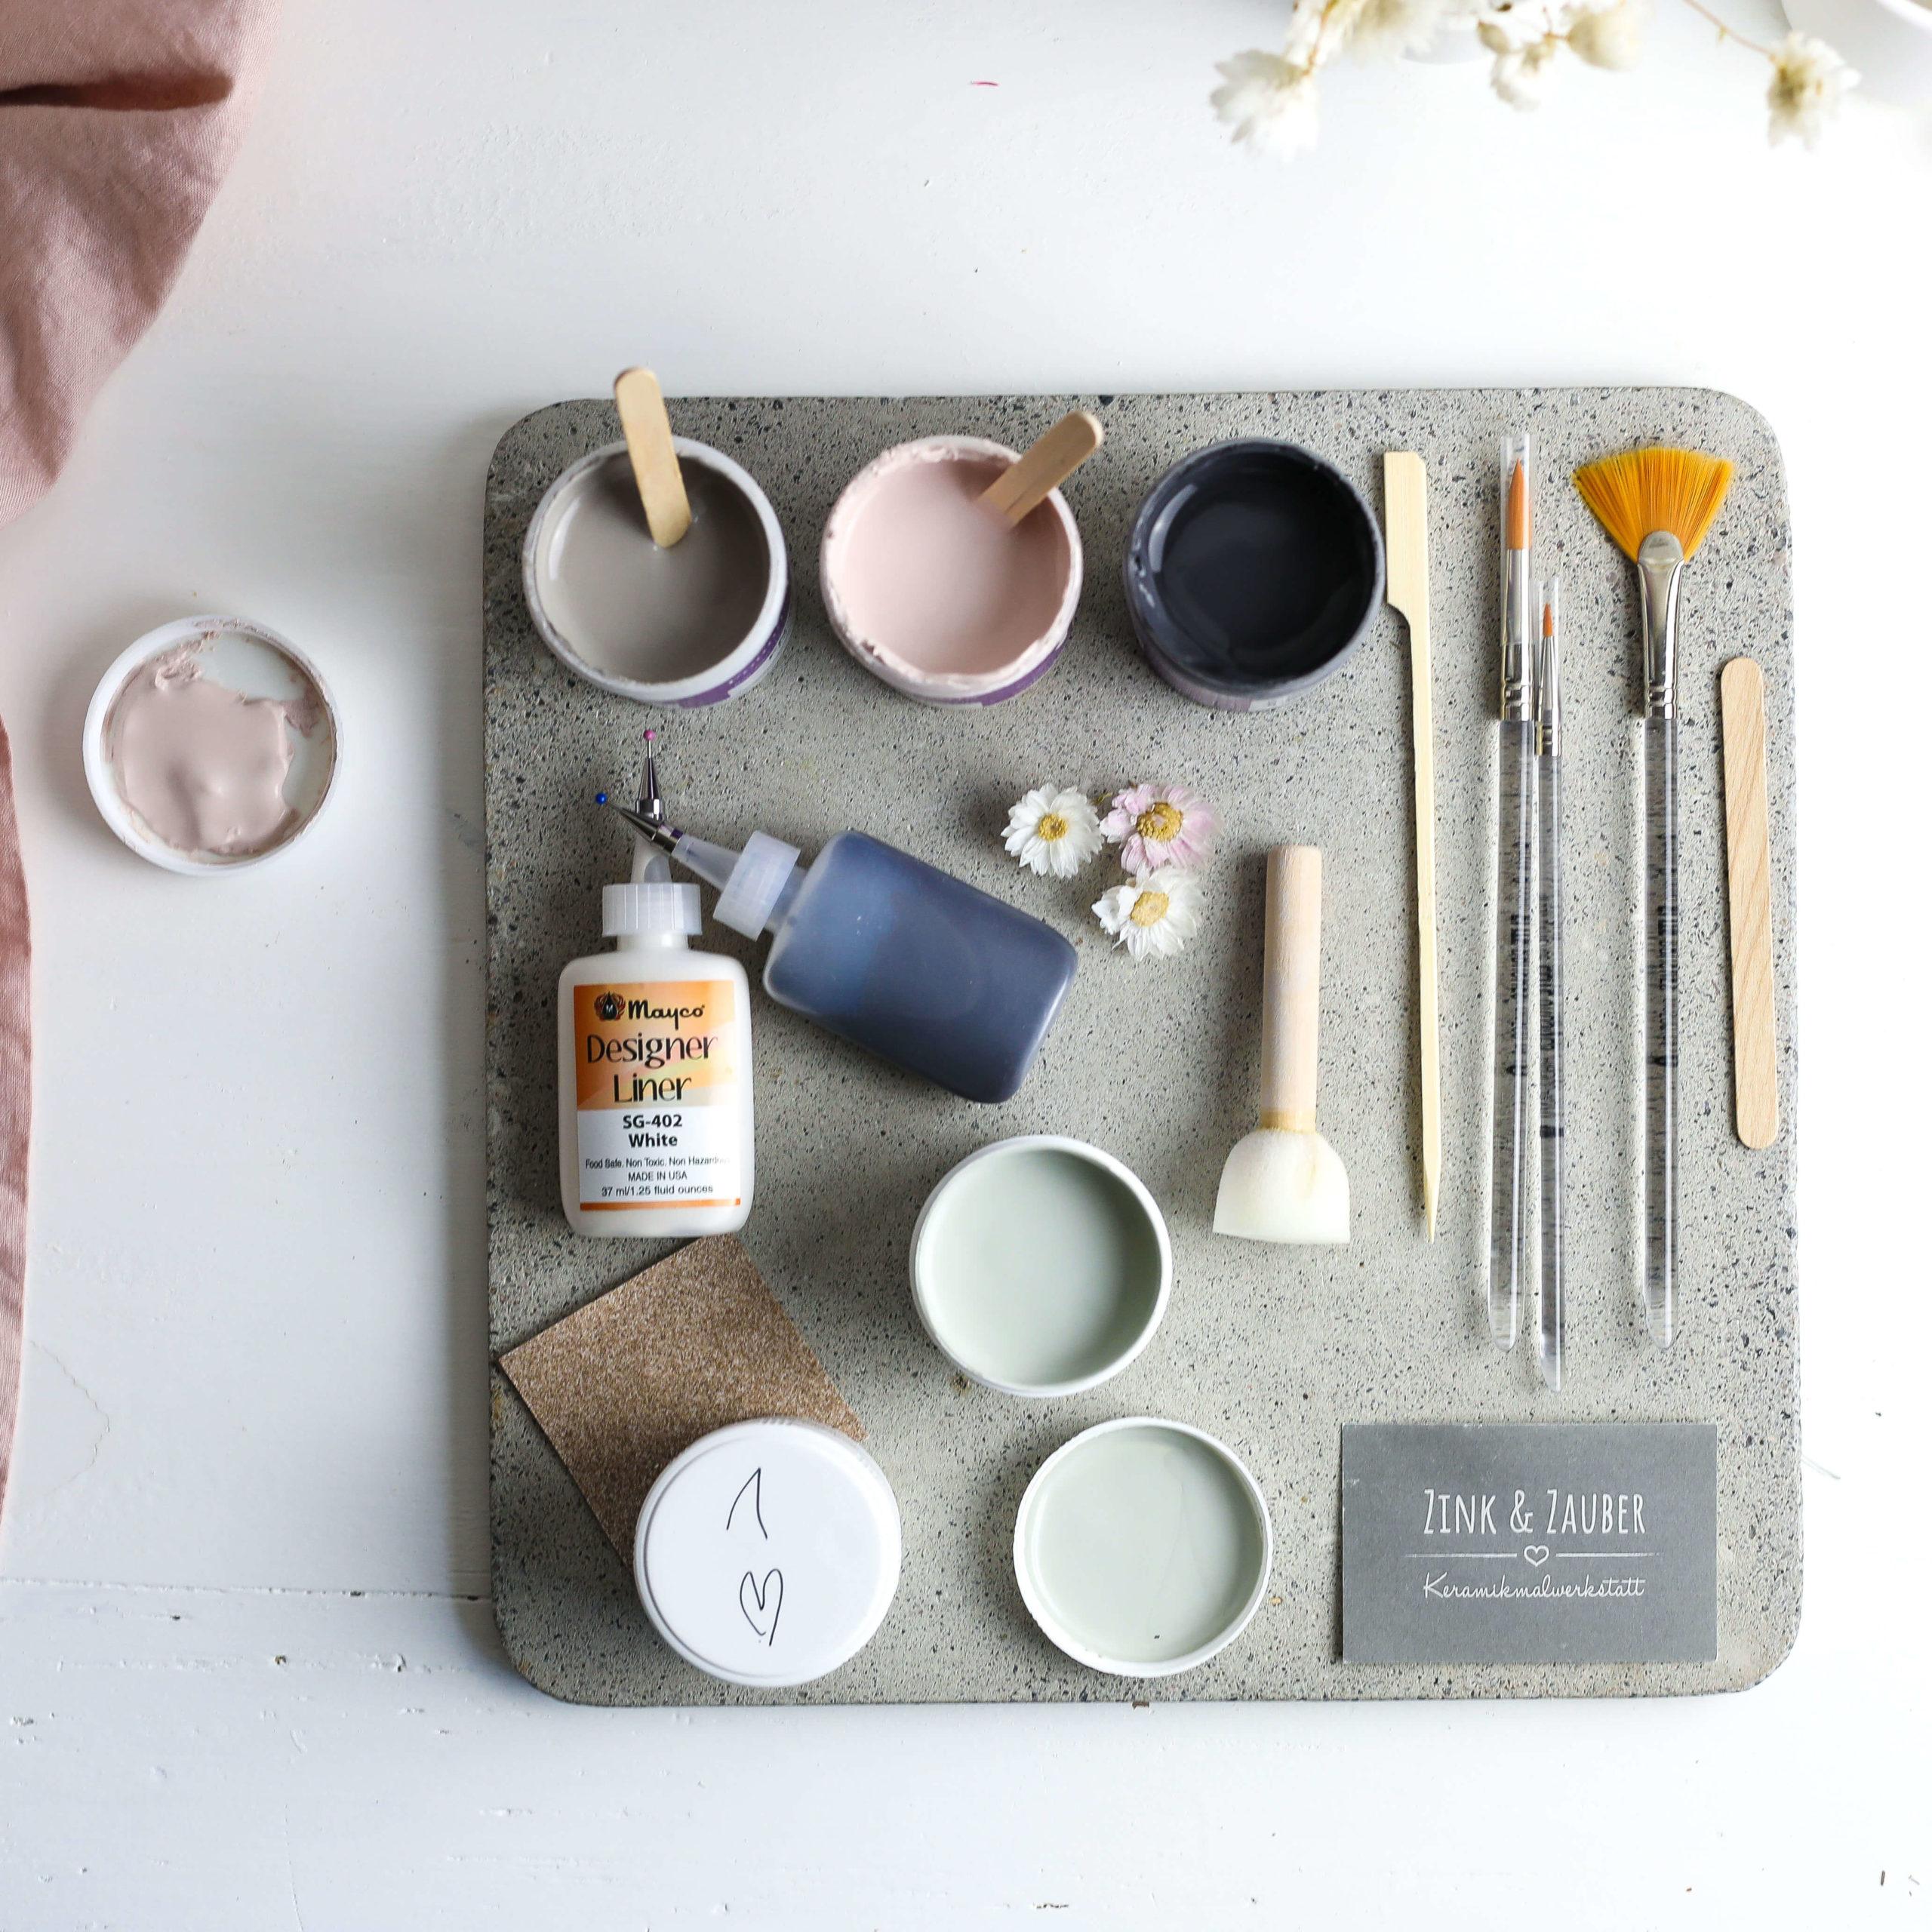 Farben und Pinsel zum Bemalen von Keramik